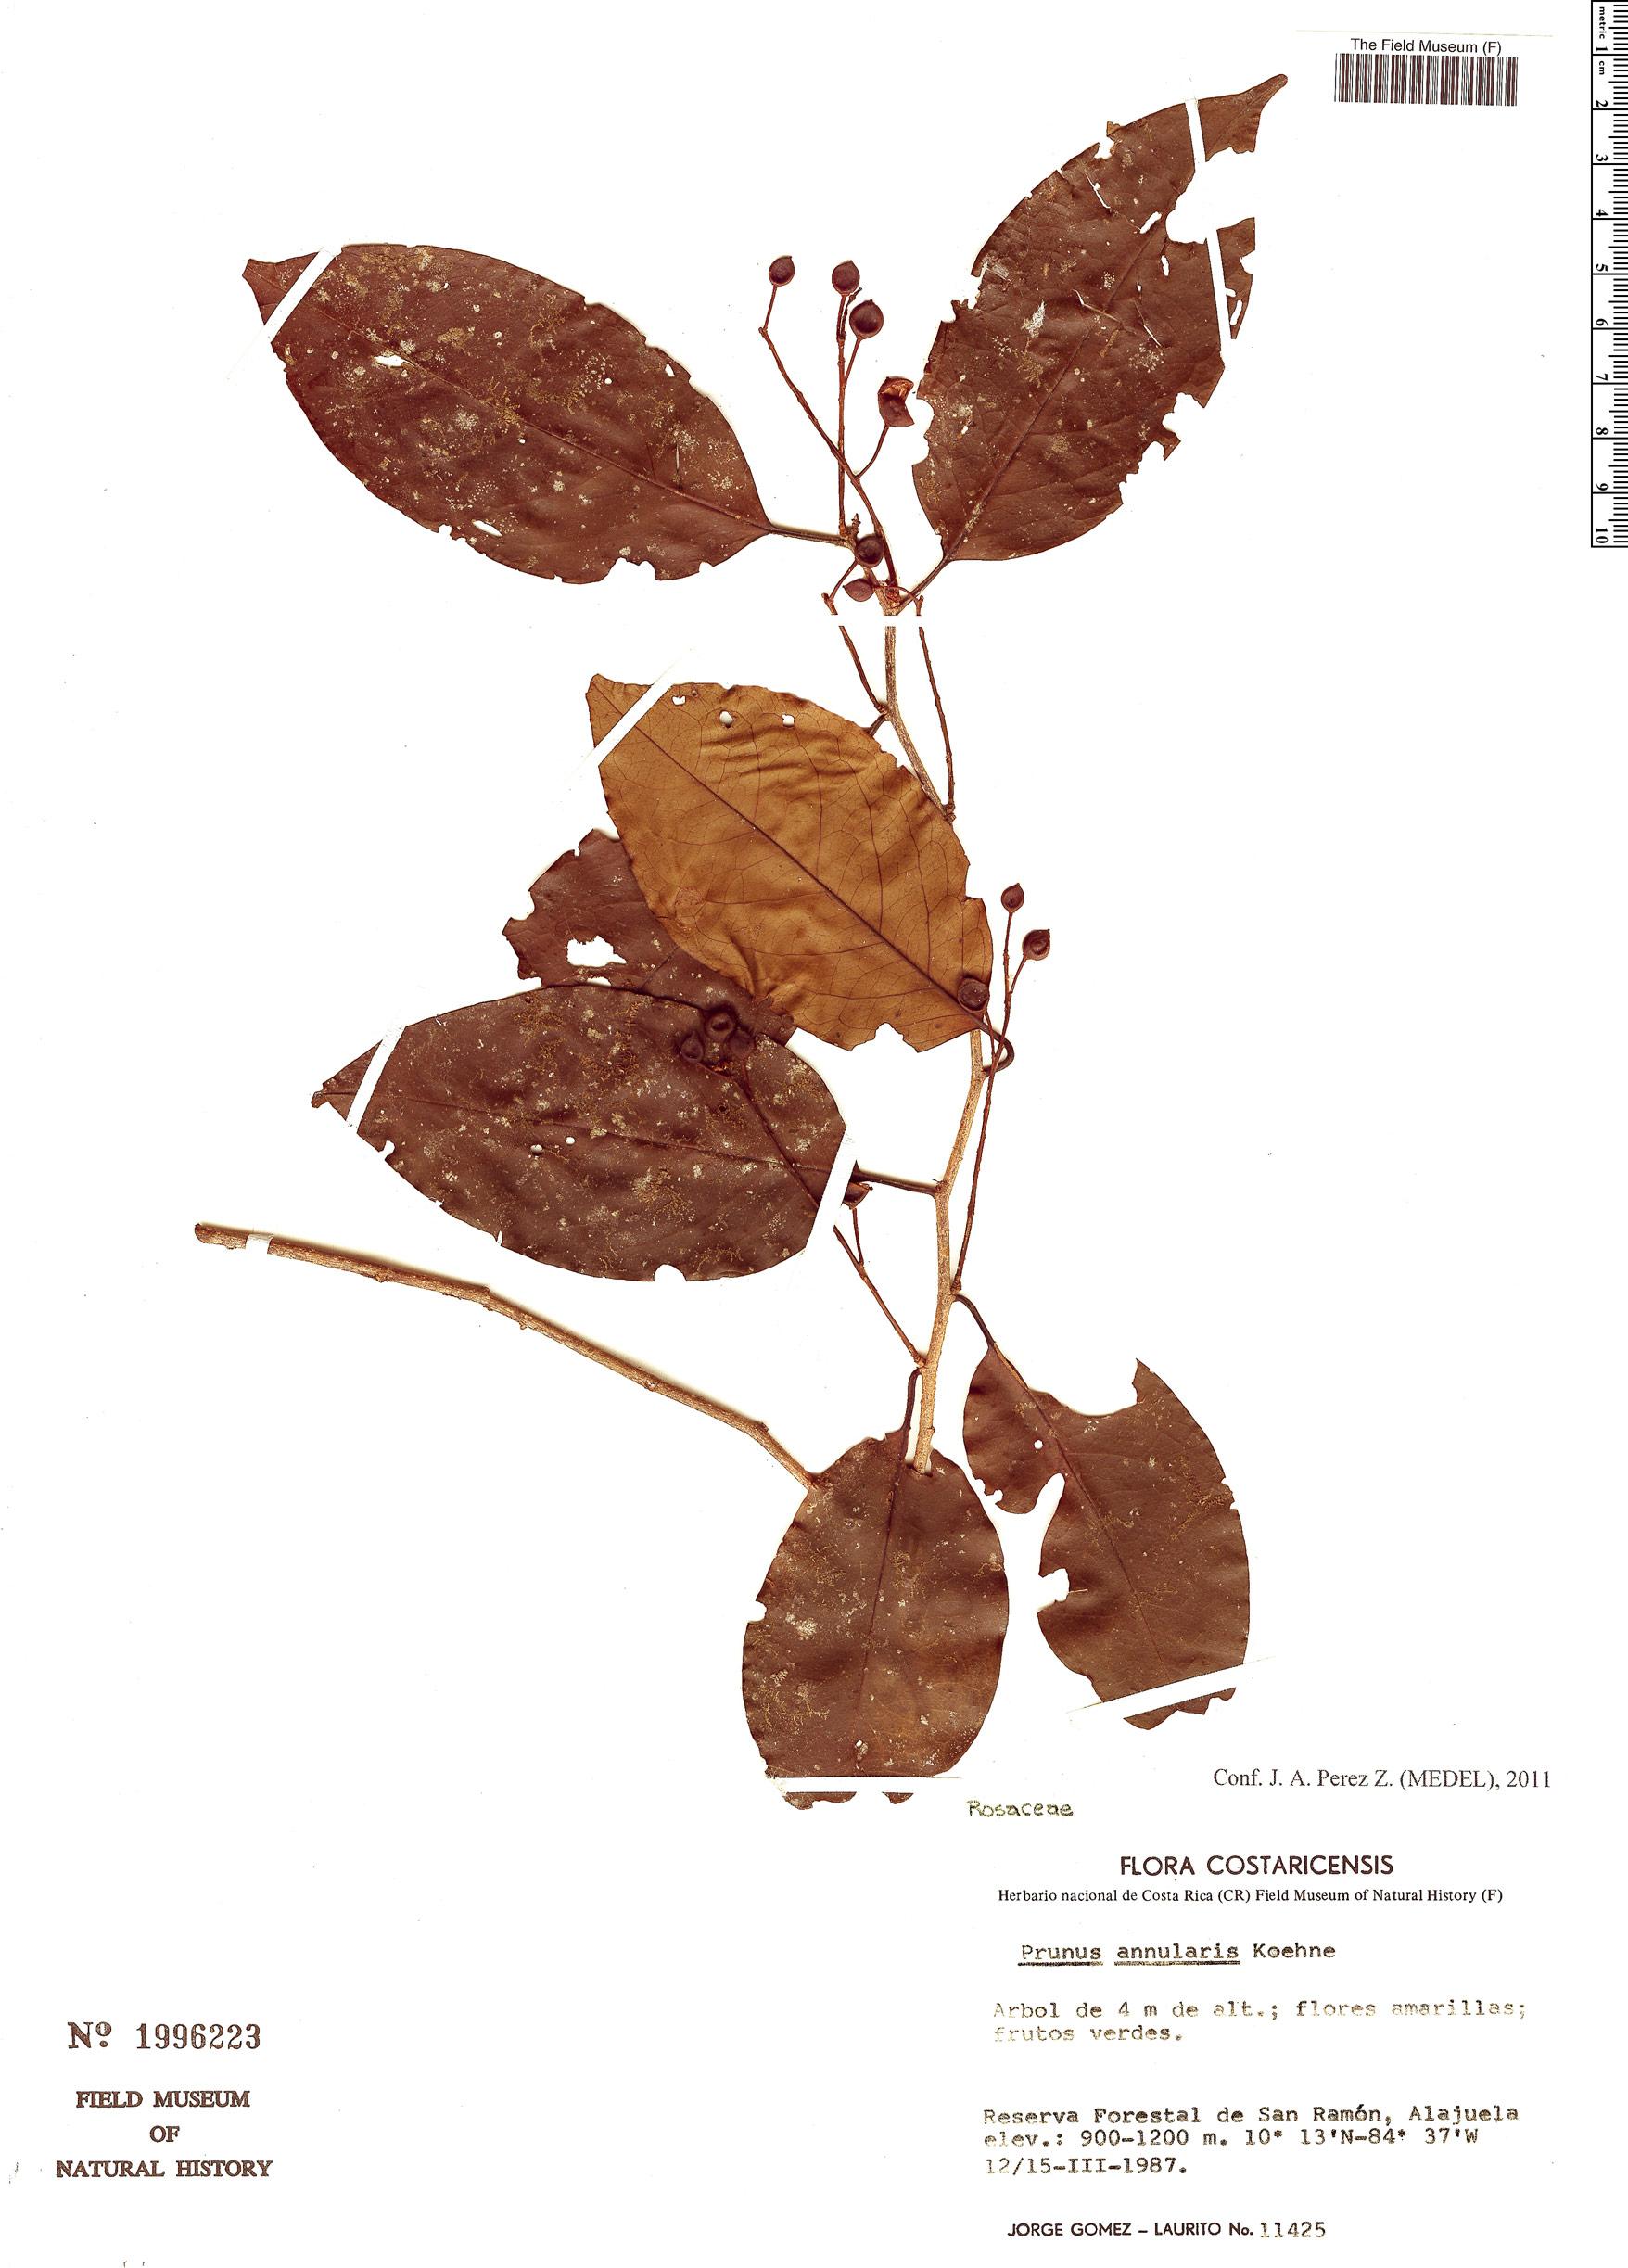 Specimen: Prunus annularis